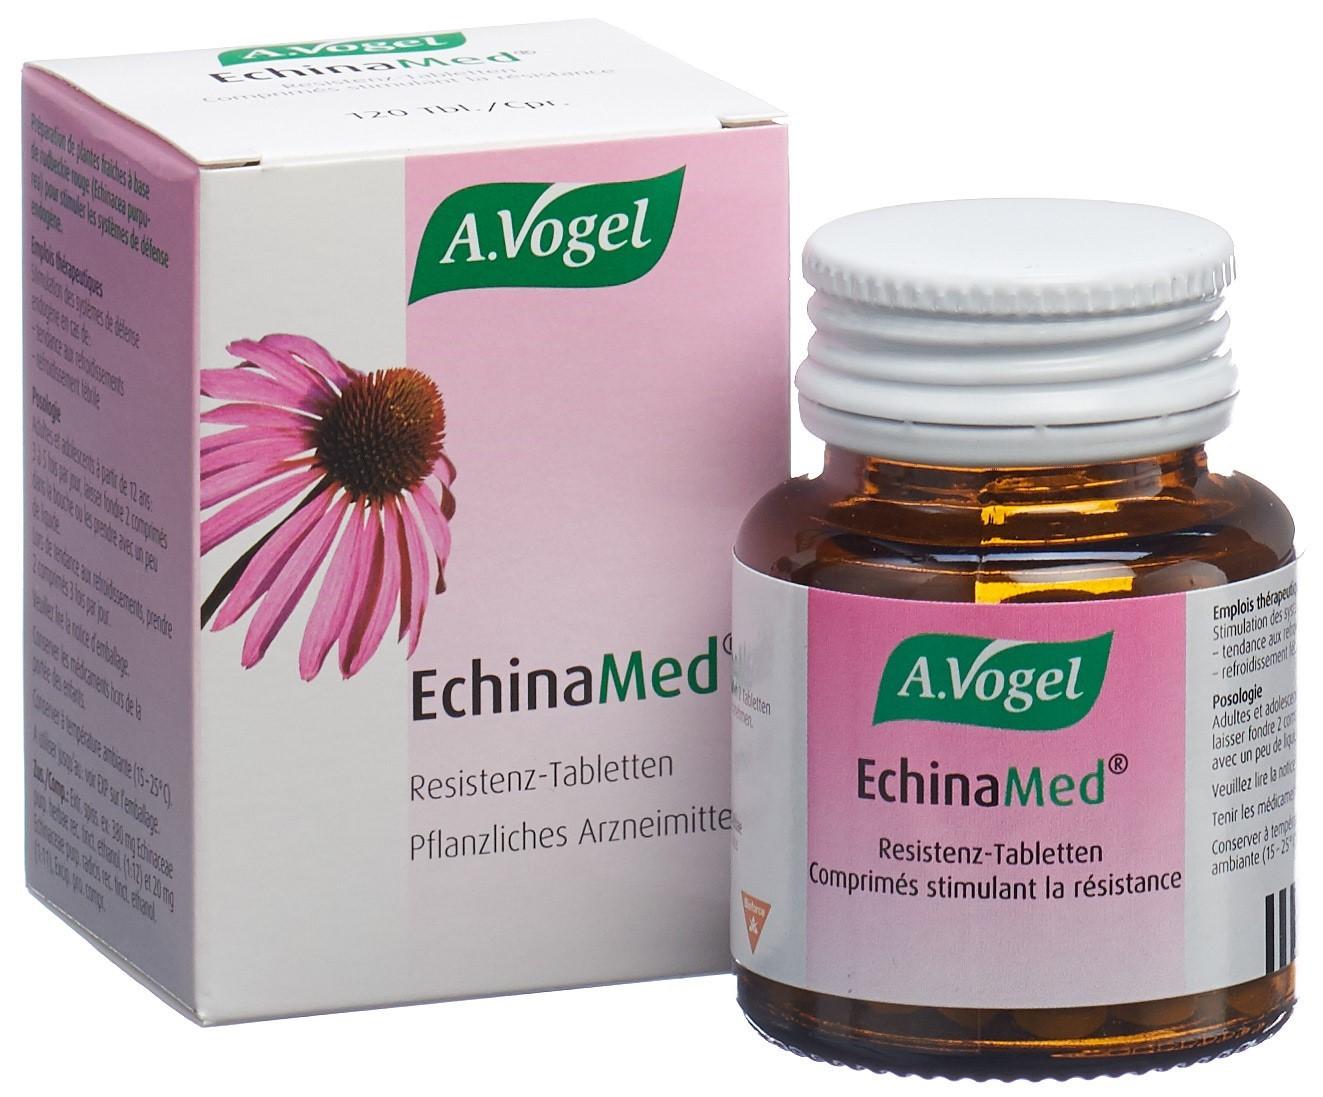 EchinaMed®